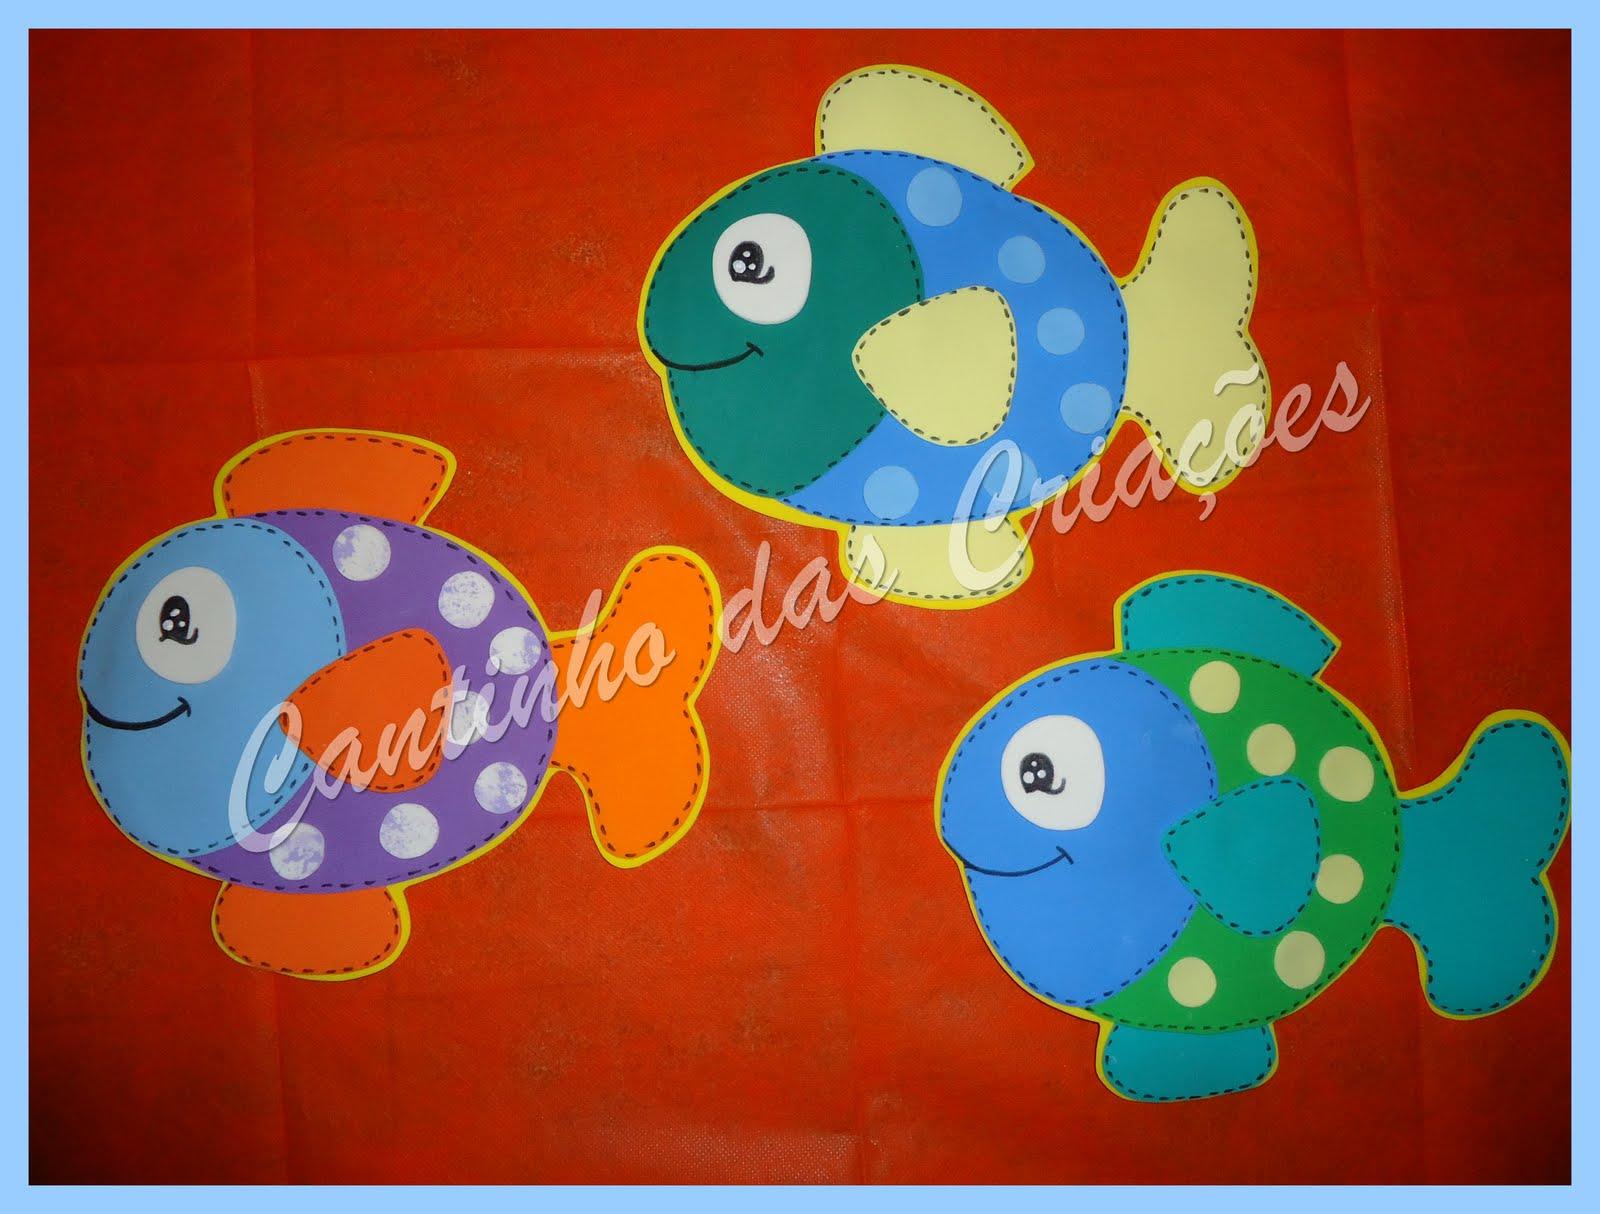 http://3.bp.blogspot.com/-4O3GJfgUeyA/TqM-jDC1_8I/AAAAAAAABVU/oHhW5Wrf0uU/s1600/foto%2B385.jpg